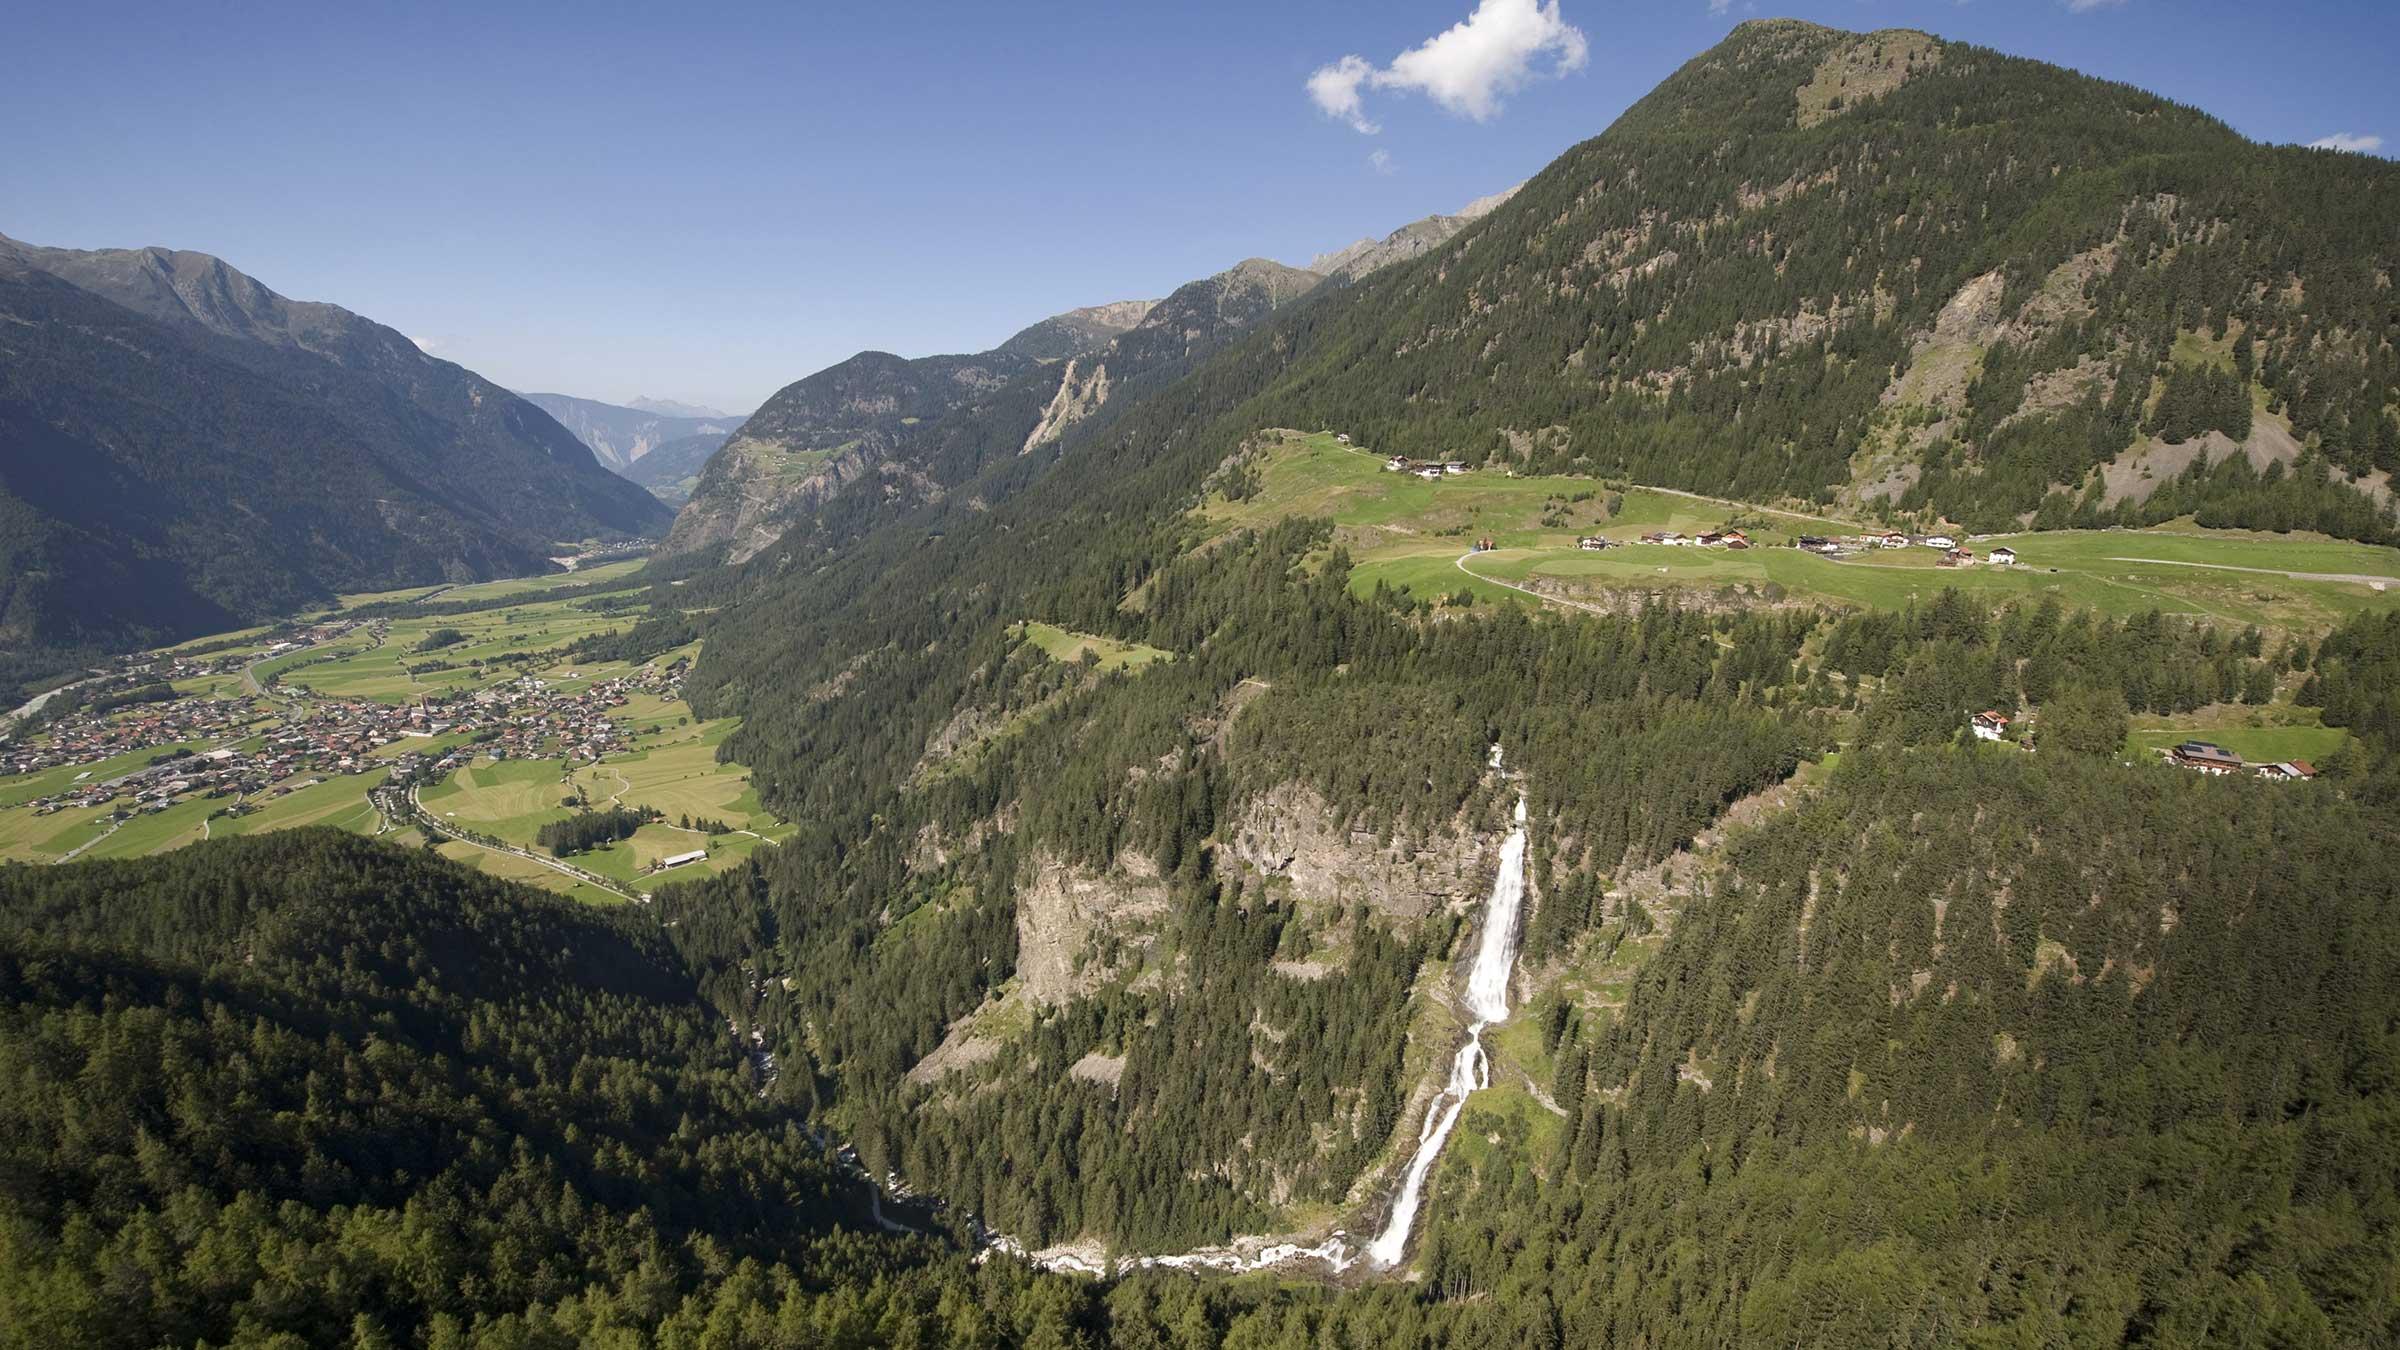 Blick auf Umhausen und den Stuibenfall - Naturpark Ötztal